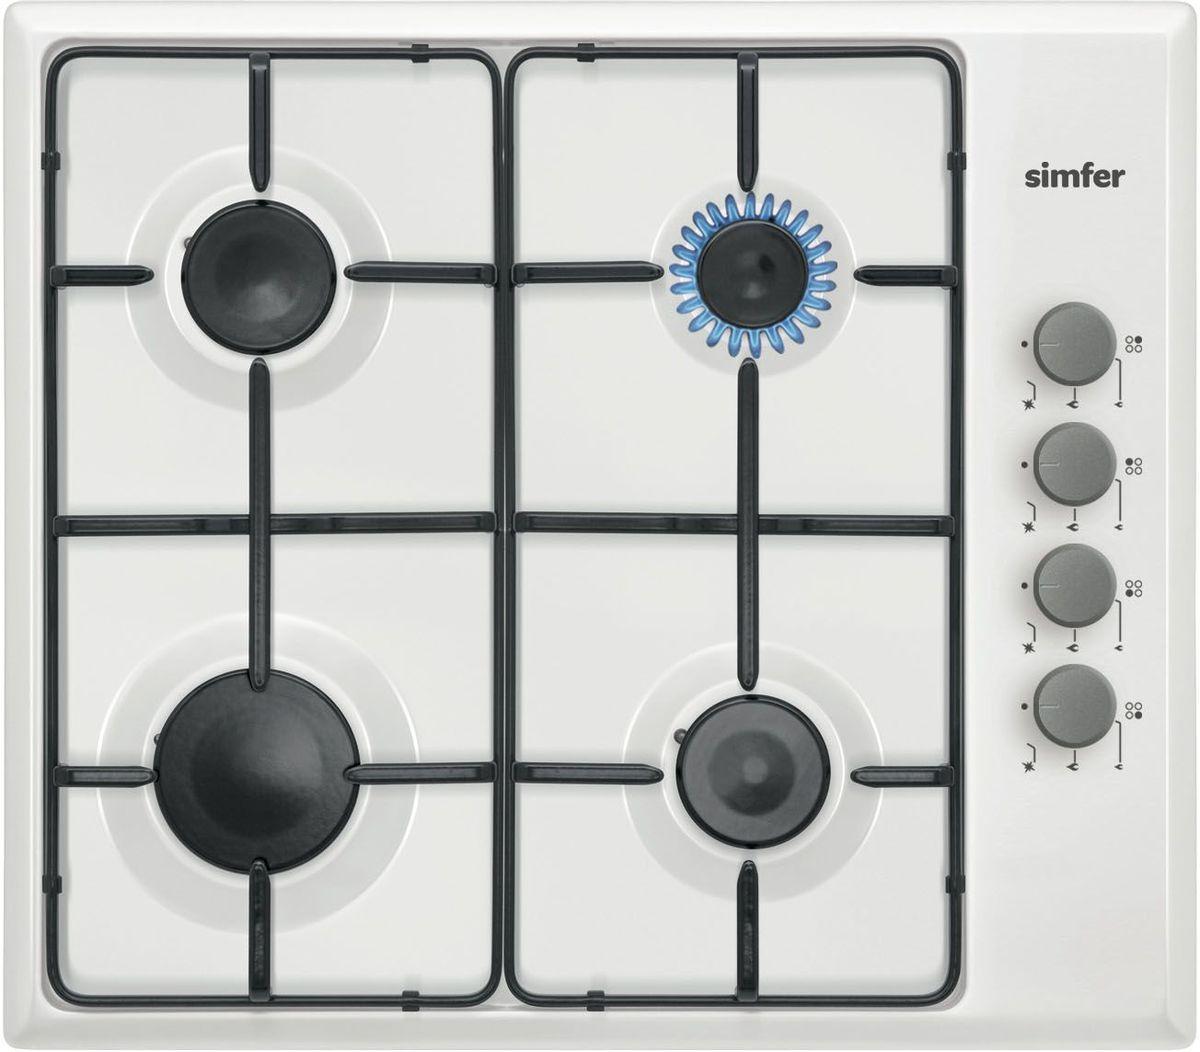 Simfer H60Q40W411 панель варочная газоваяH60Q40W411Газовая варочная панель Simfer H60Q40W411 с чистым пламенем доведет вашу сковороду до нужной температуры без всяких задержек. Включите её и всё днище сковороды будет моментально нагрето. Simfer H60Q40W411 упрощает приготовление и делает его безопаснее благодаря особой форме подставок, обеспечивающих абсолютную устойчивость посуды. Нет способа быстрее и удобнее для того, чтобы разжечь конфорку, чем автоподжиг варочной панели. Просто поверните ручку, чтобы открыть и зажечь газ одним плавным движением.